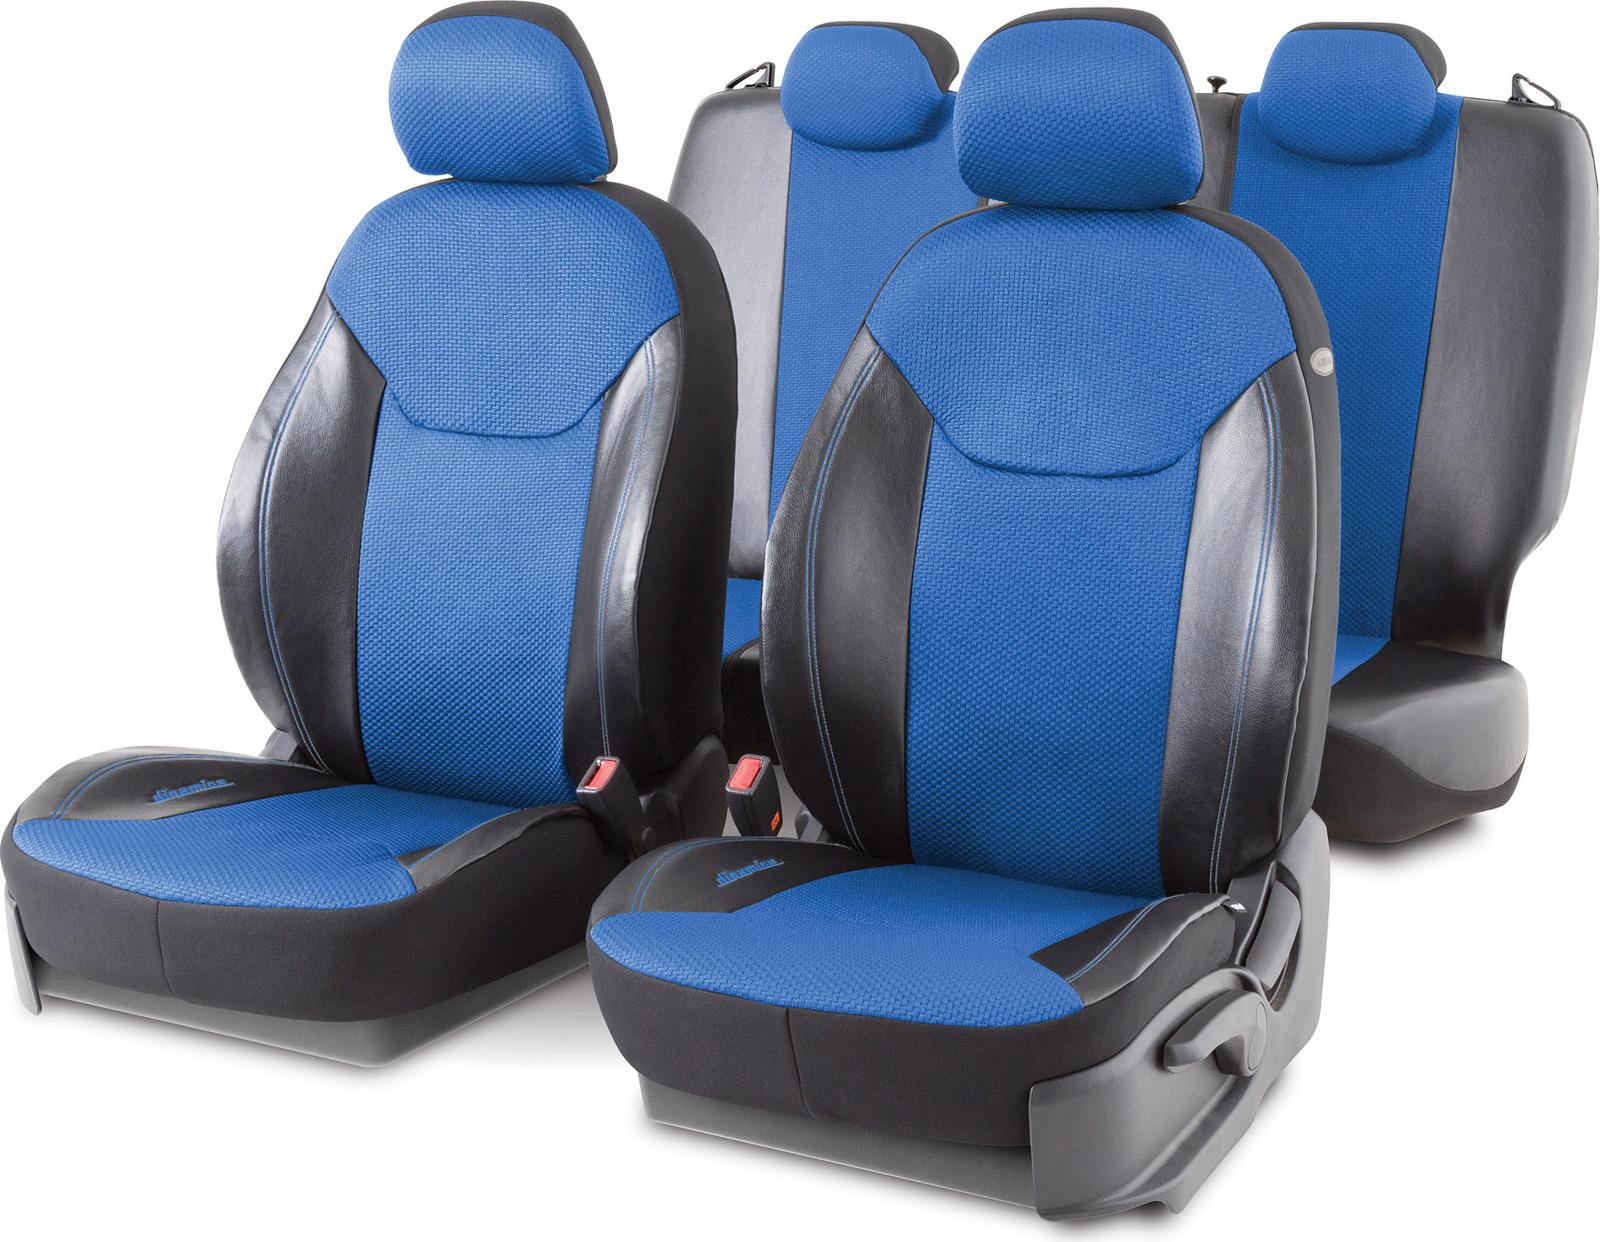 Авточехлы Autoprofi Dinamica, цвет: черный, синий, 15 предметов. DIN-1505GJ BK/BL